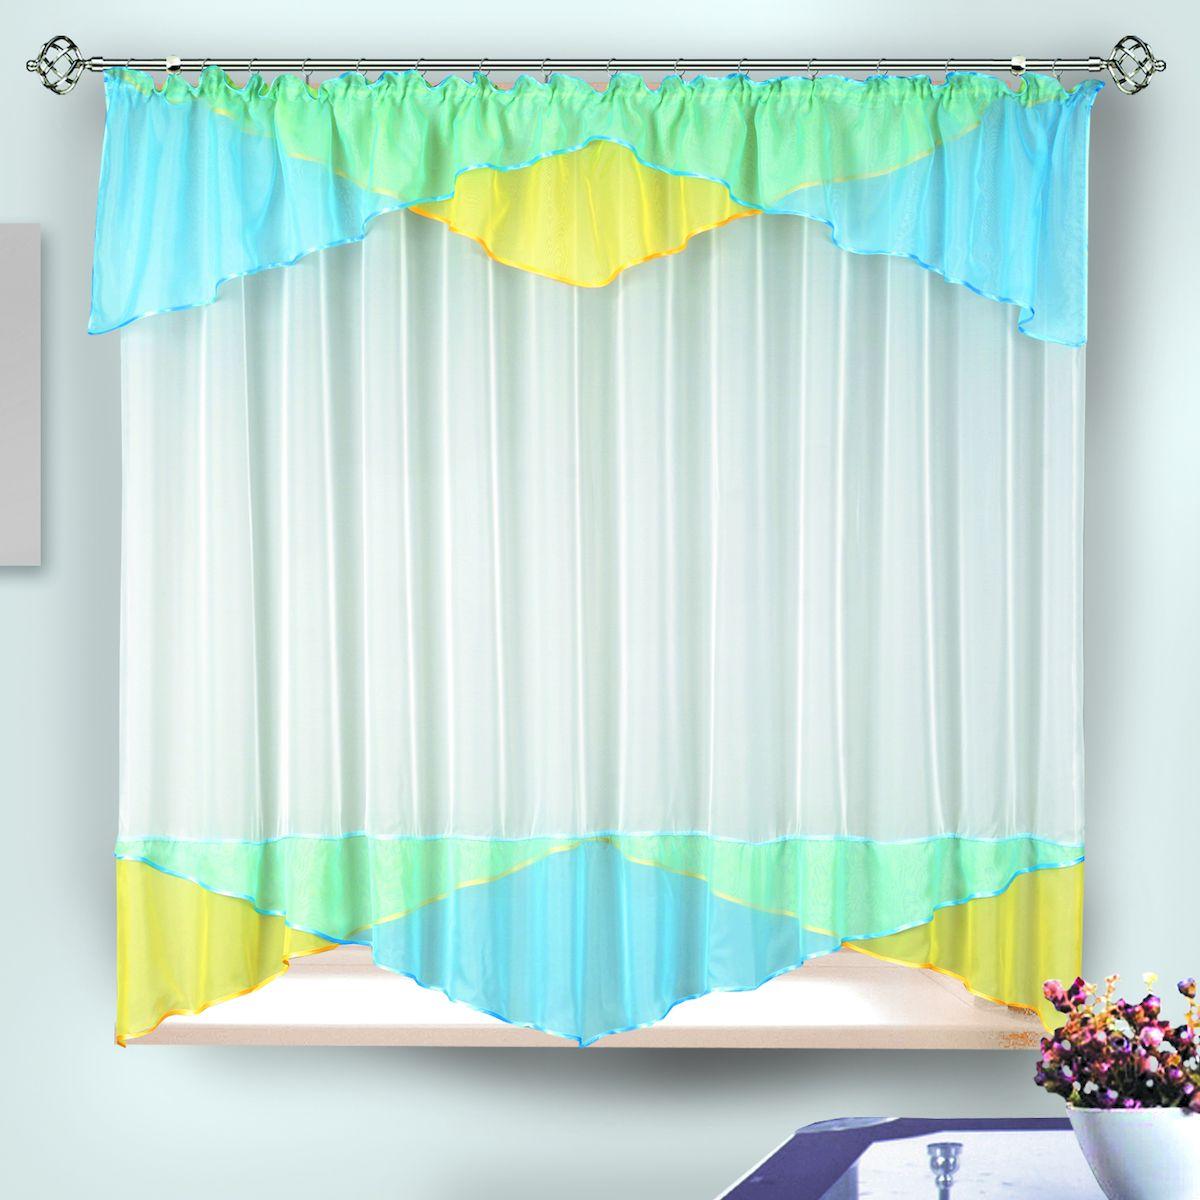 Комплект штор для кухни Zlata Korunka, на ленте, цвет: голубой, желтый, белый, высота 170 см. 3333333333Комплект штор для кухни Zlata Korunka, выполненный из полиэстера, великолепно украсит любое окно. Комплект состоит из тюля и ламбрекена. Оригинальный крой и приятная цветовая гамма привлекут к себе внимание и органично впишутся в интерьер помещения. Этот комплект будет долгое время радовать вас и вашу семью! Комплект крепится на карниз при помощи ленты, которая поможет красиво и равномерно задрапировать верх. В комплект входит: Ламбрекен: 1 шт. Размер (Ш х В): 290 х 35 см. Тюль: 1 шт. Размер (Ш х В): 280 х 170 см.